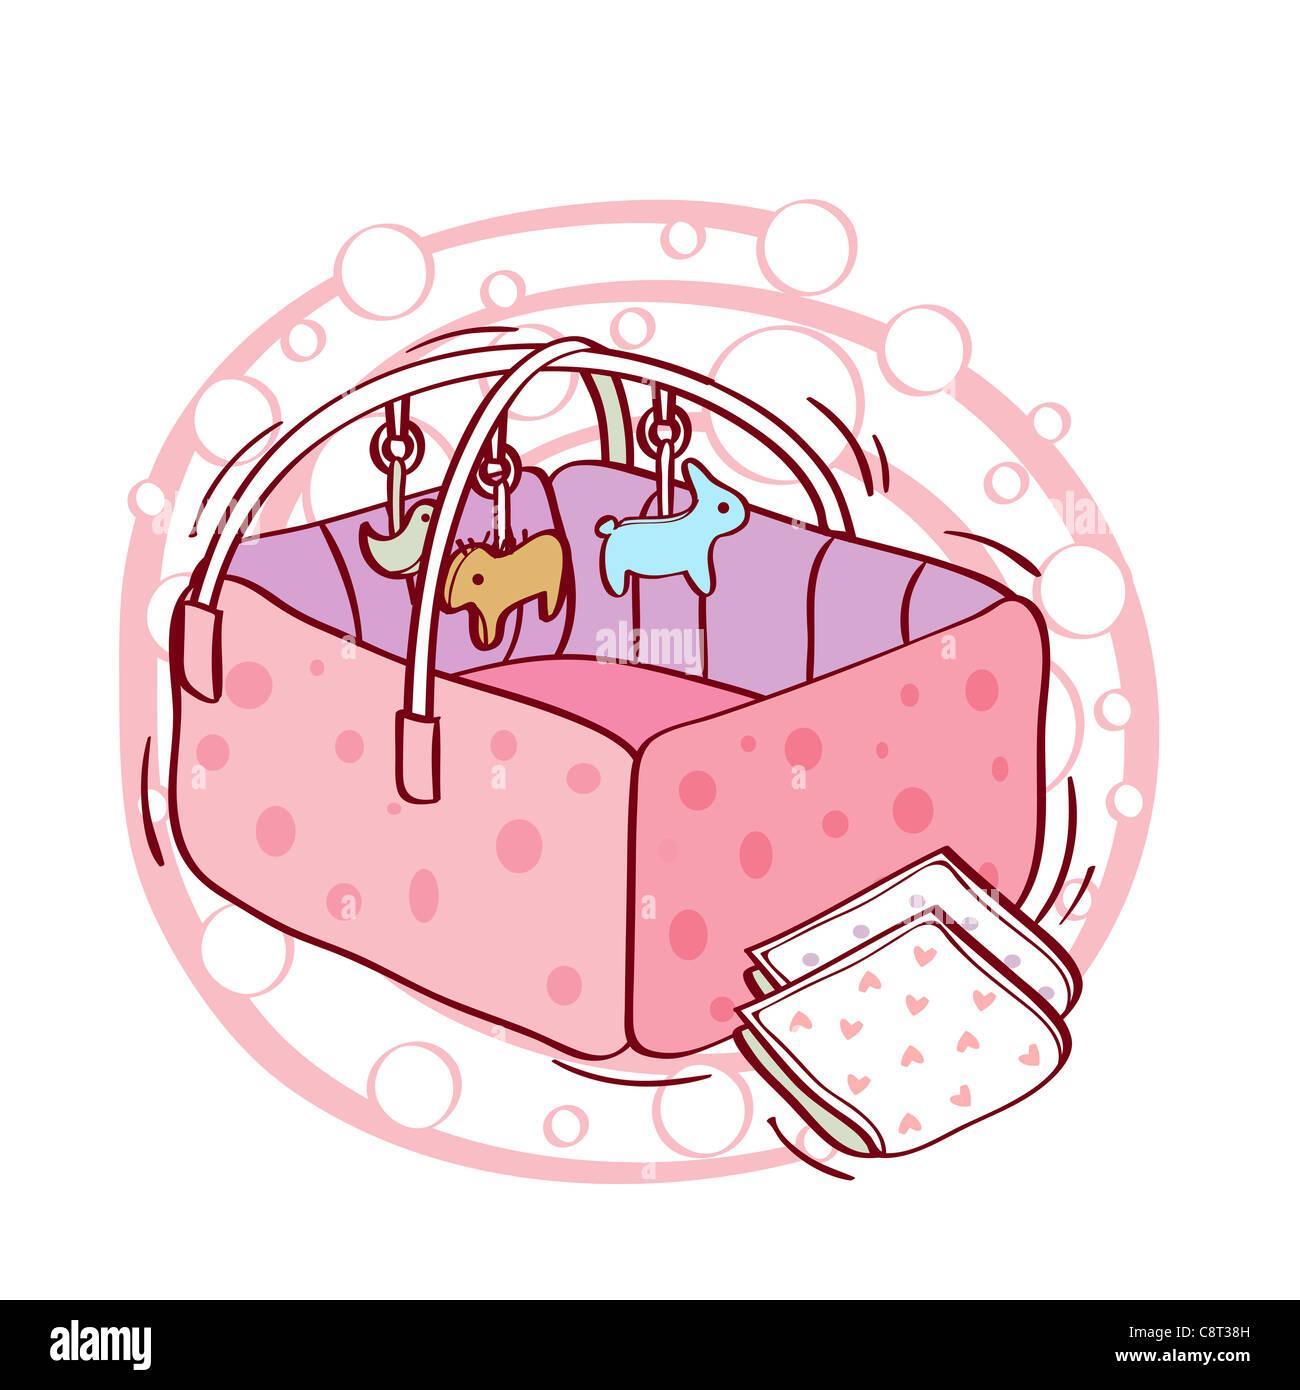 Illustration Of Crib Stock Photos & Illustration Of Crib Stock ...